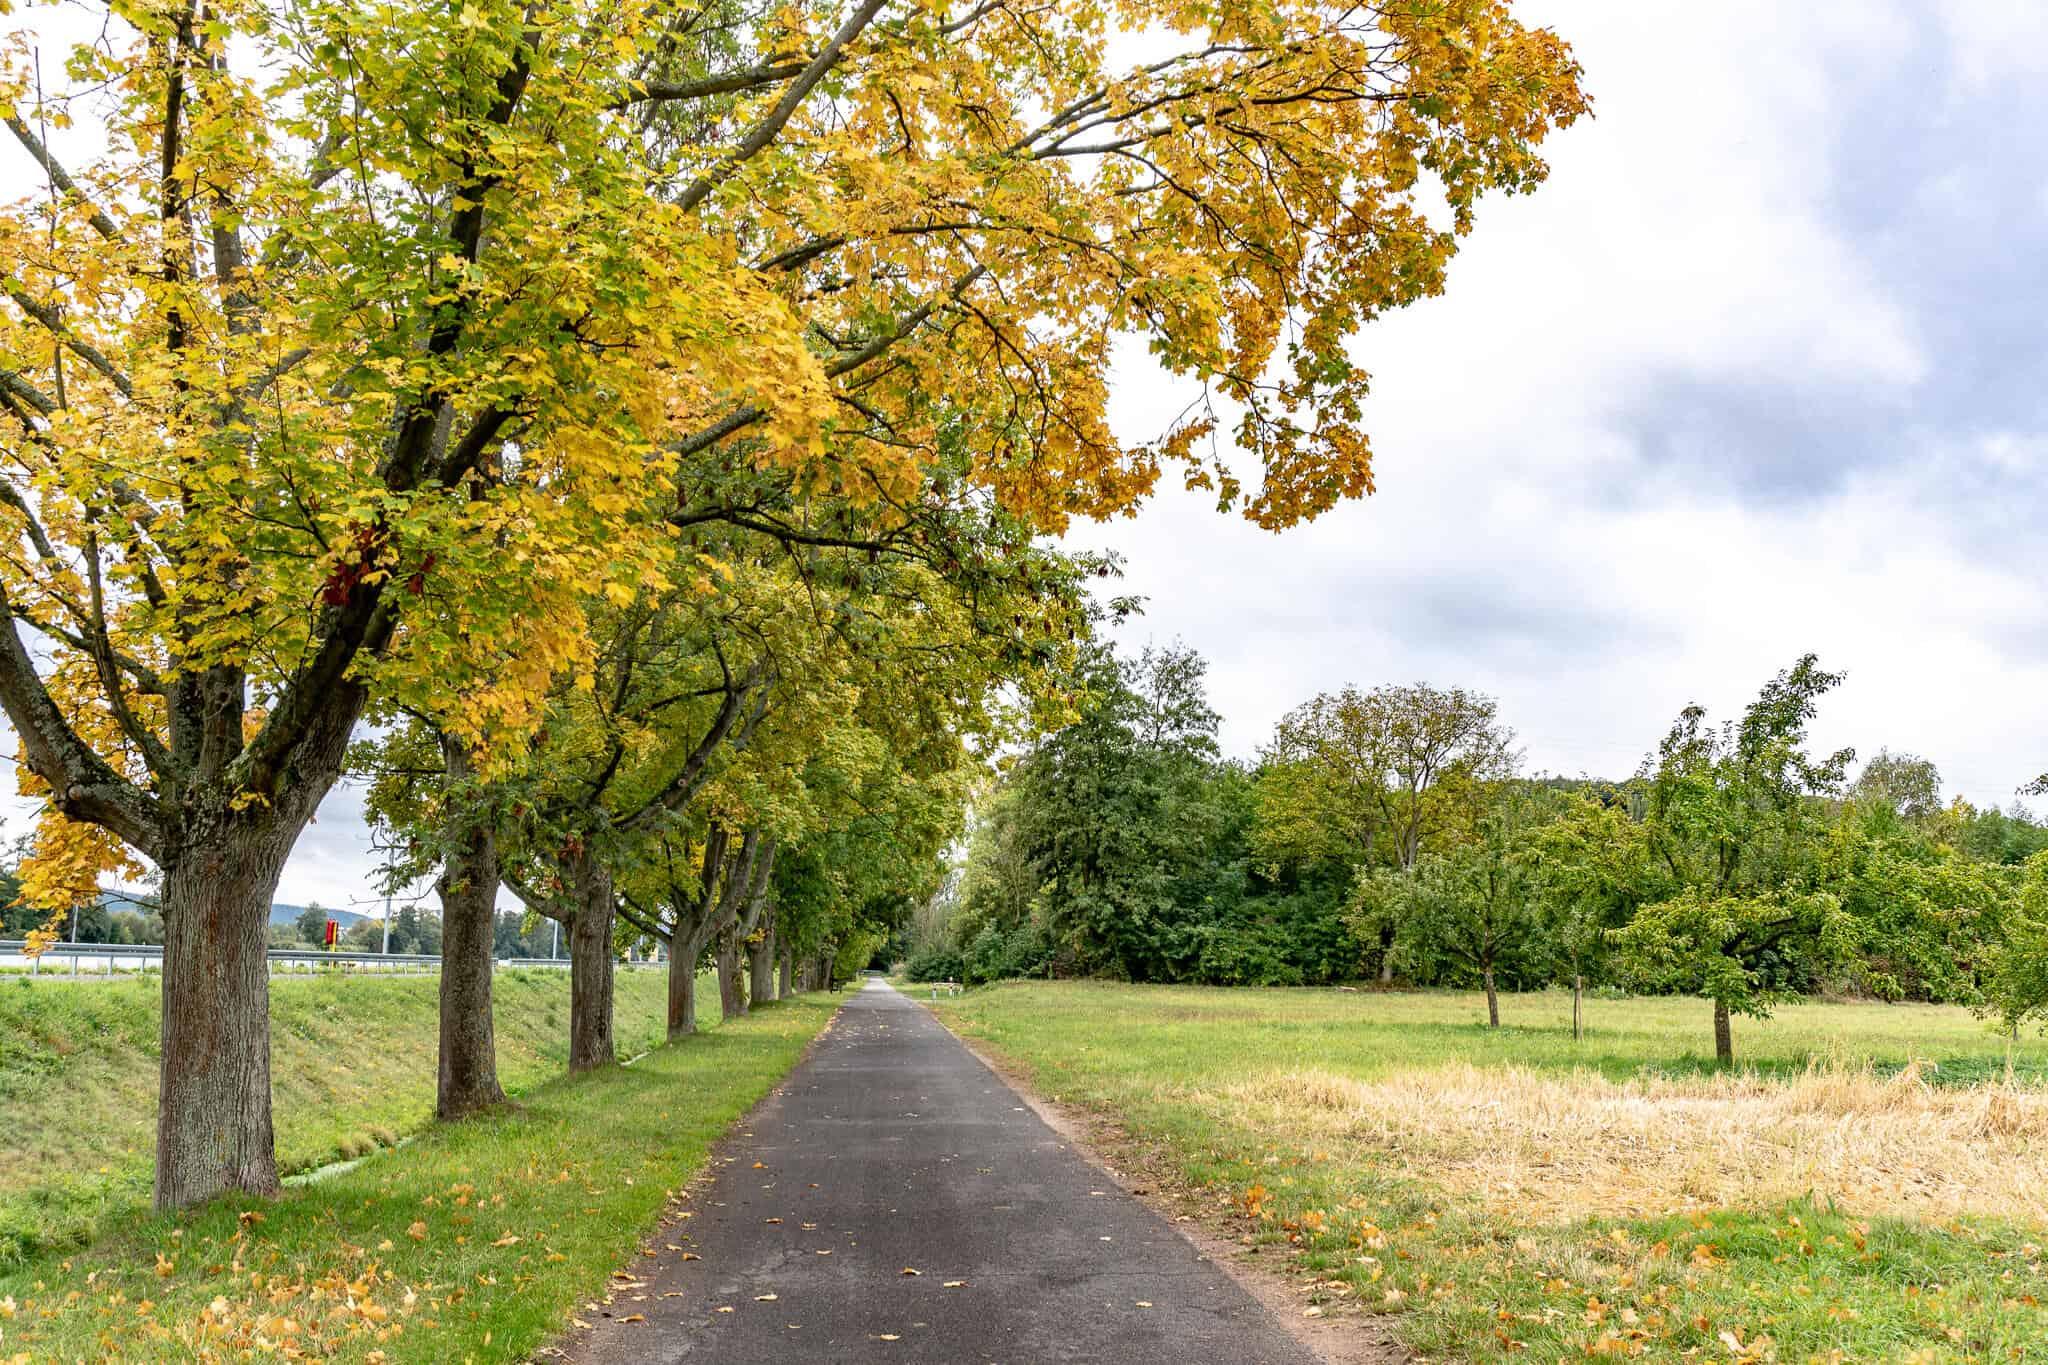 Herbst am MainRadweg